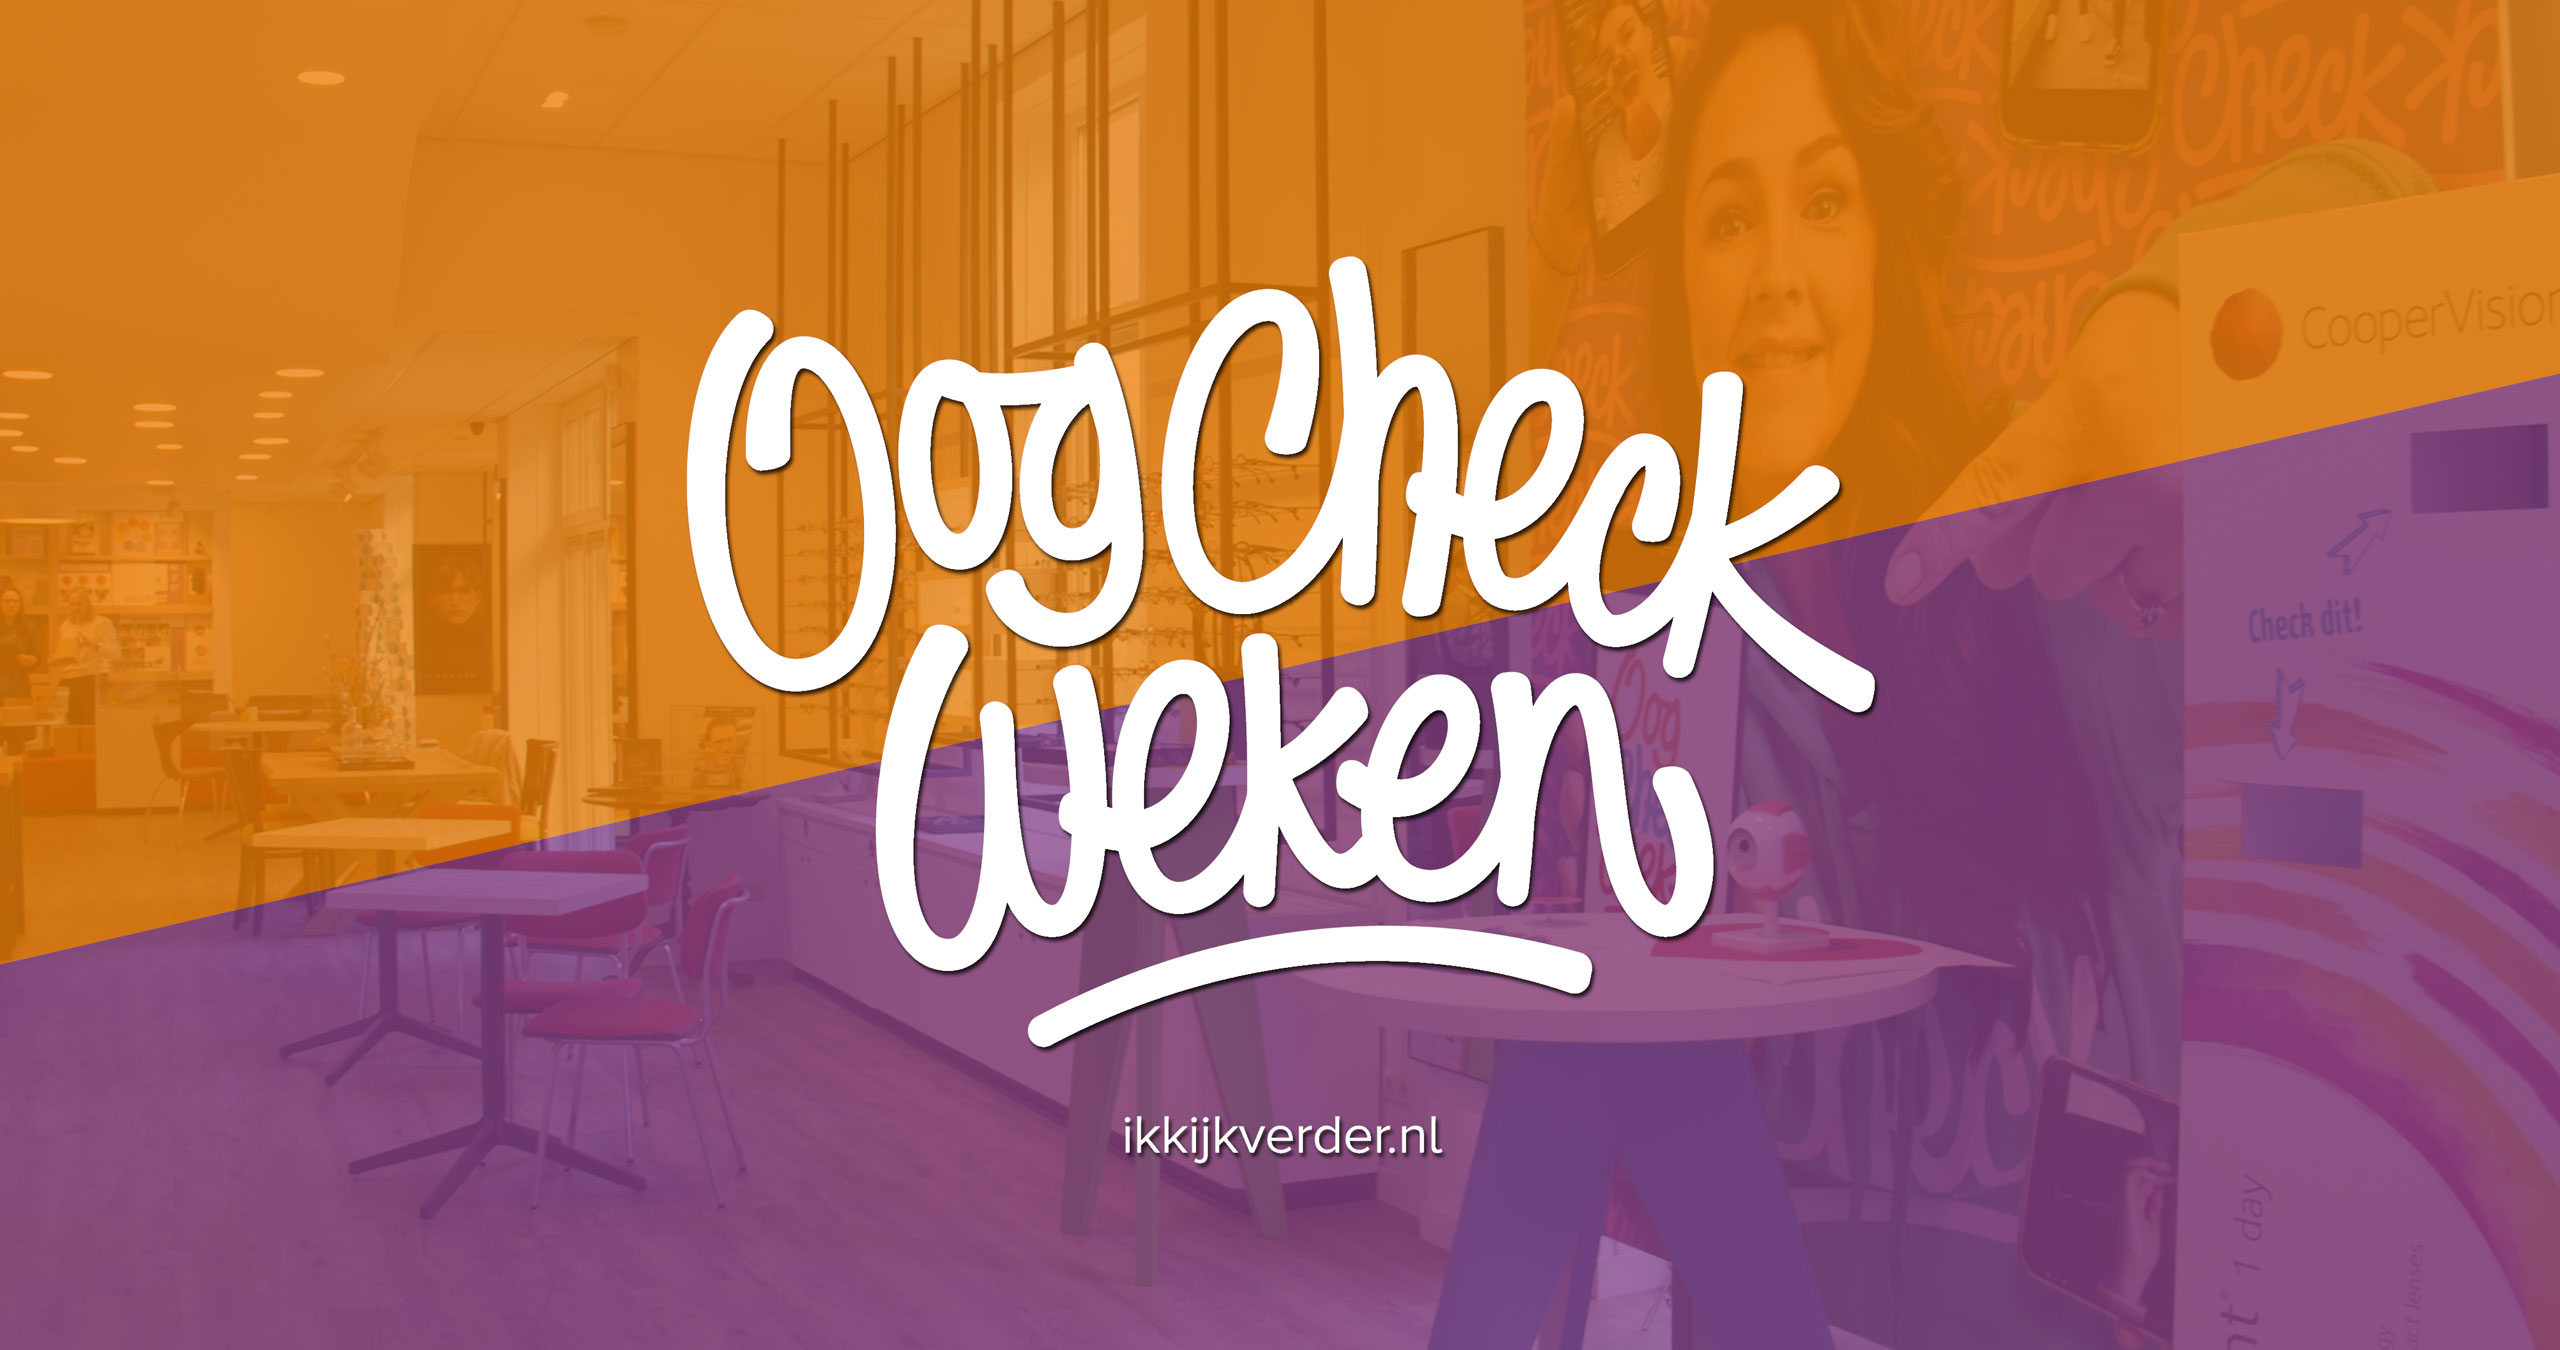 OogCheckWeken_Sven_voor_Ogen_tumbnail